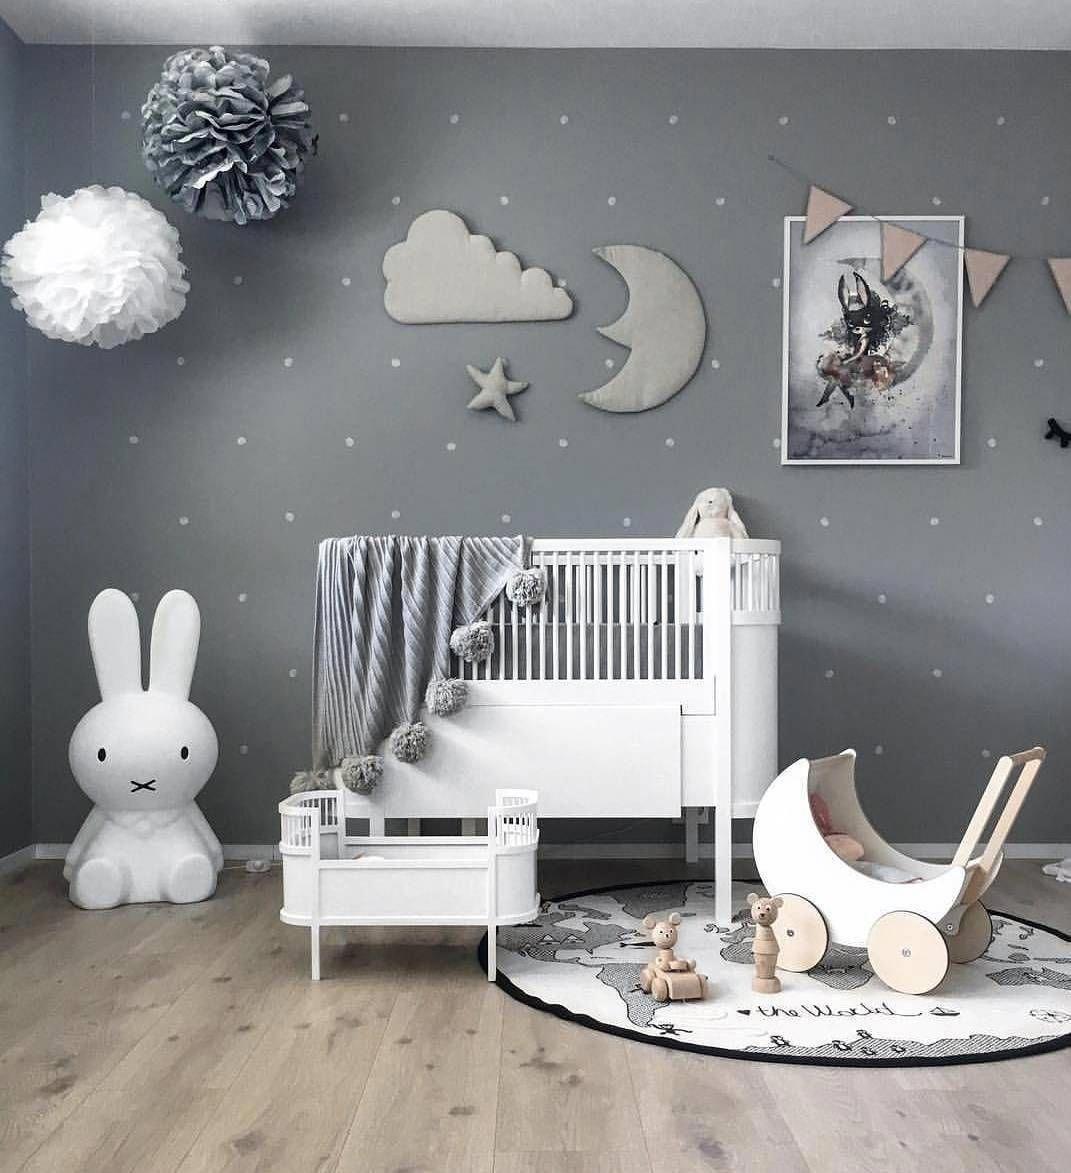 Epingle Par Emilie Tremblay Sur Deco Chambre Enfant Deco Chambre